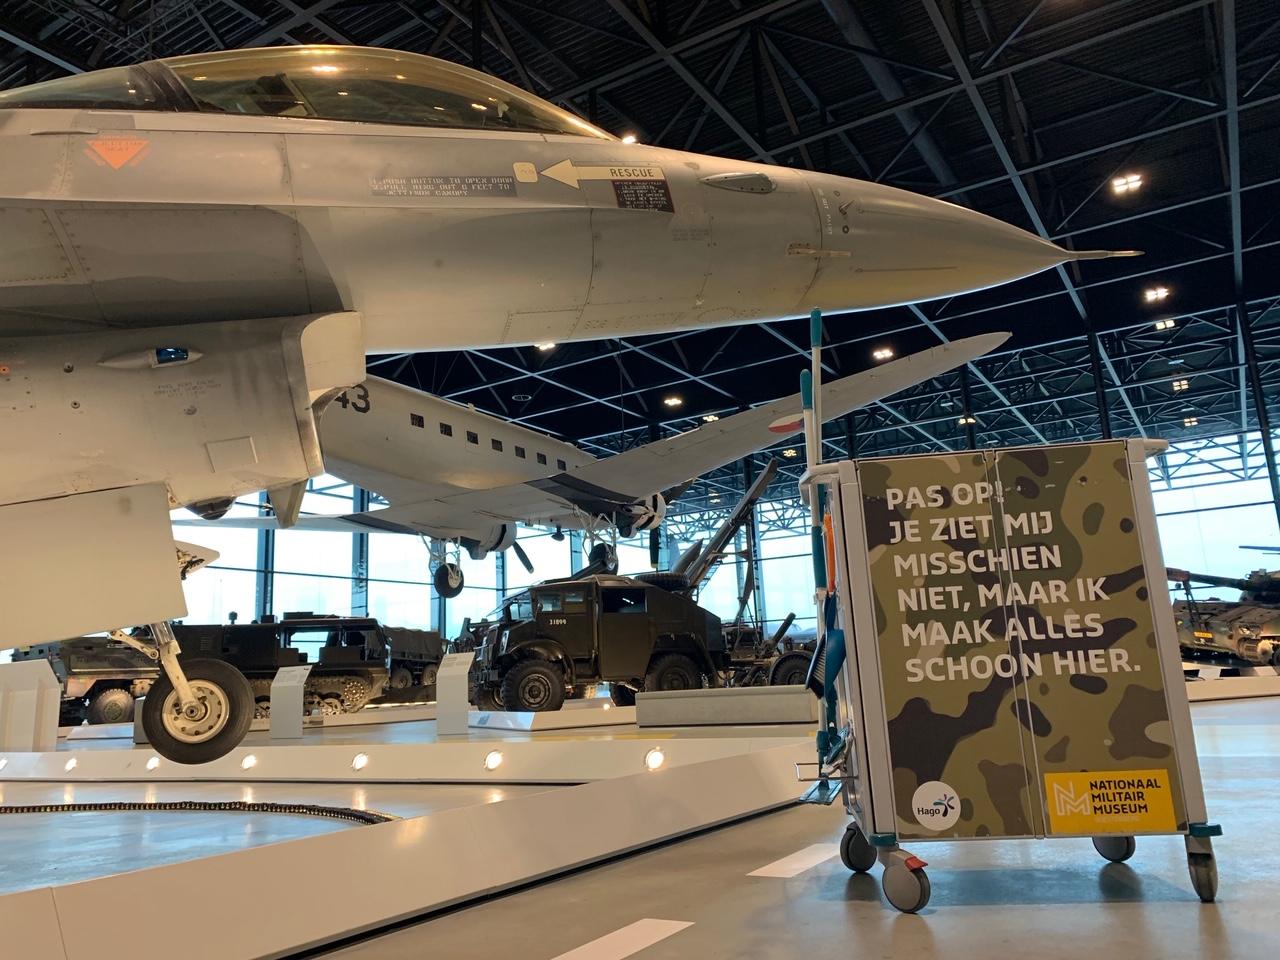 Hago's militaire schoonmaak-operatie met Triple-T bij Nationaal Militair Museum